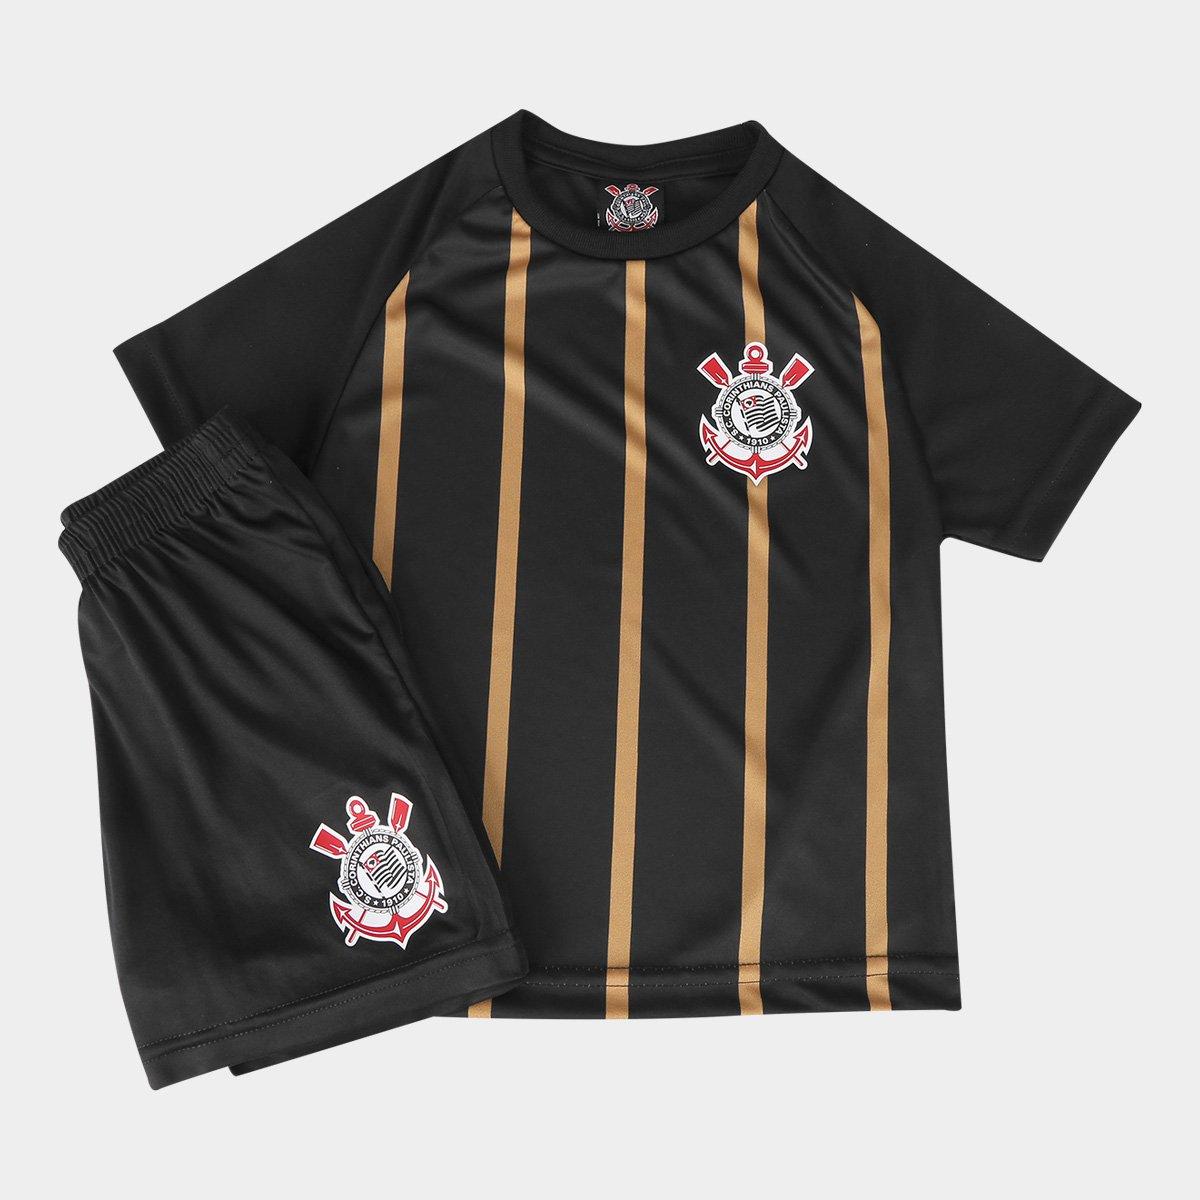 Conjunto Corinthians Infantil Gold - Compre Agora  69369fc2d20d5